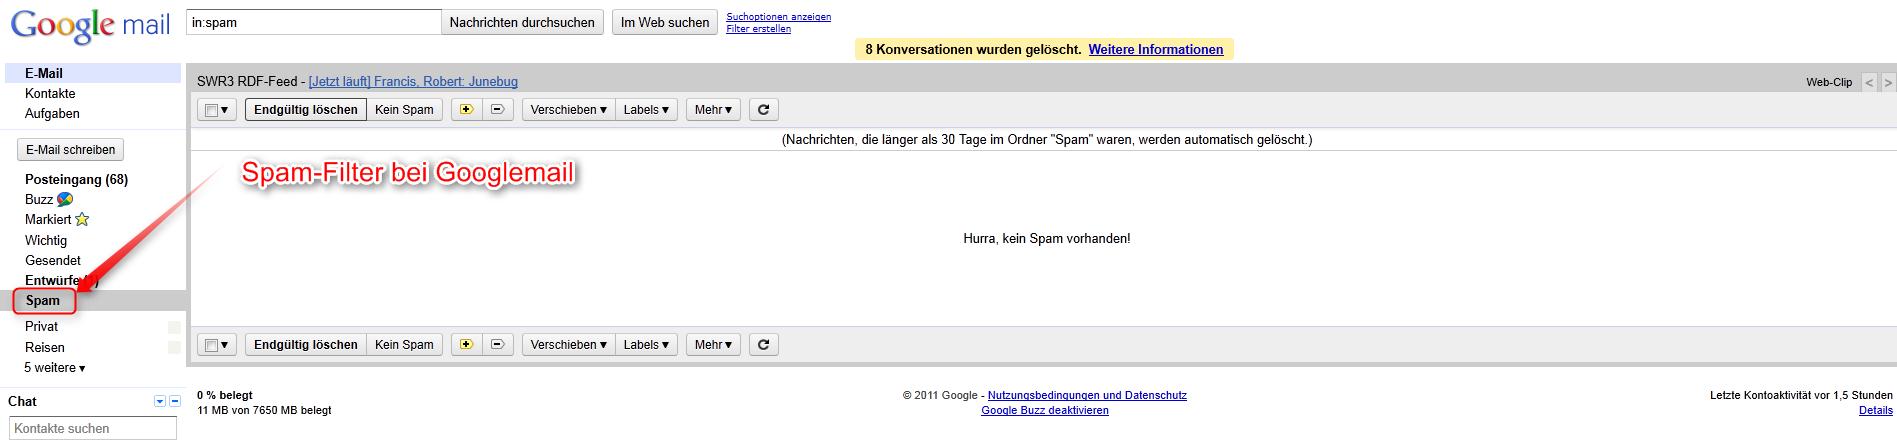 03-Supportnet-hilft-E-Mail-sicher-benutzen-Spam-Googlemail-470.png?nocache=1321975252065